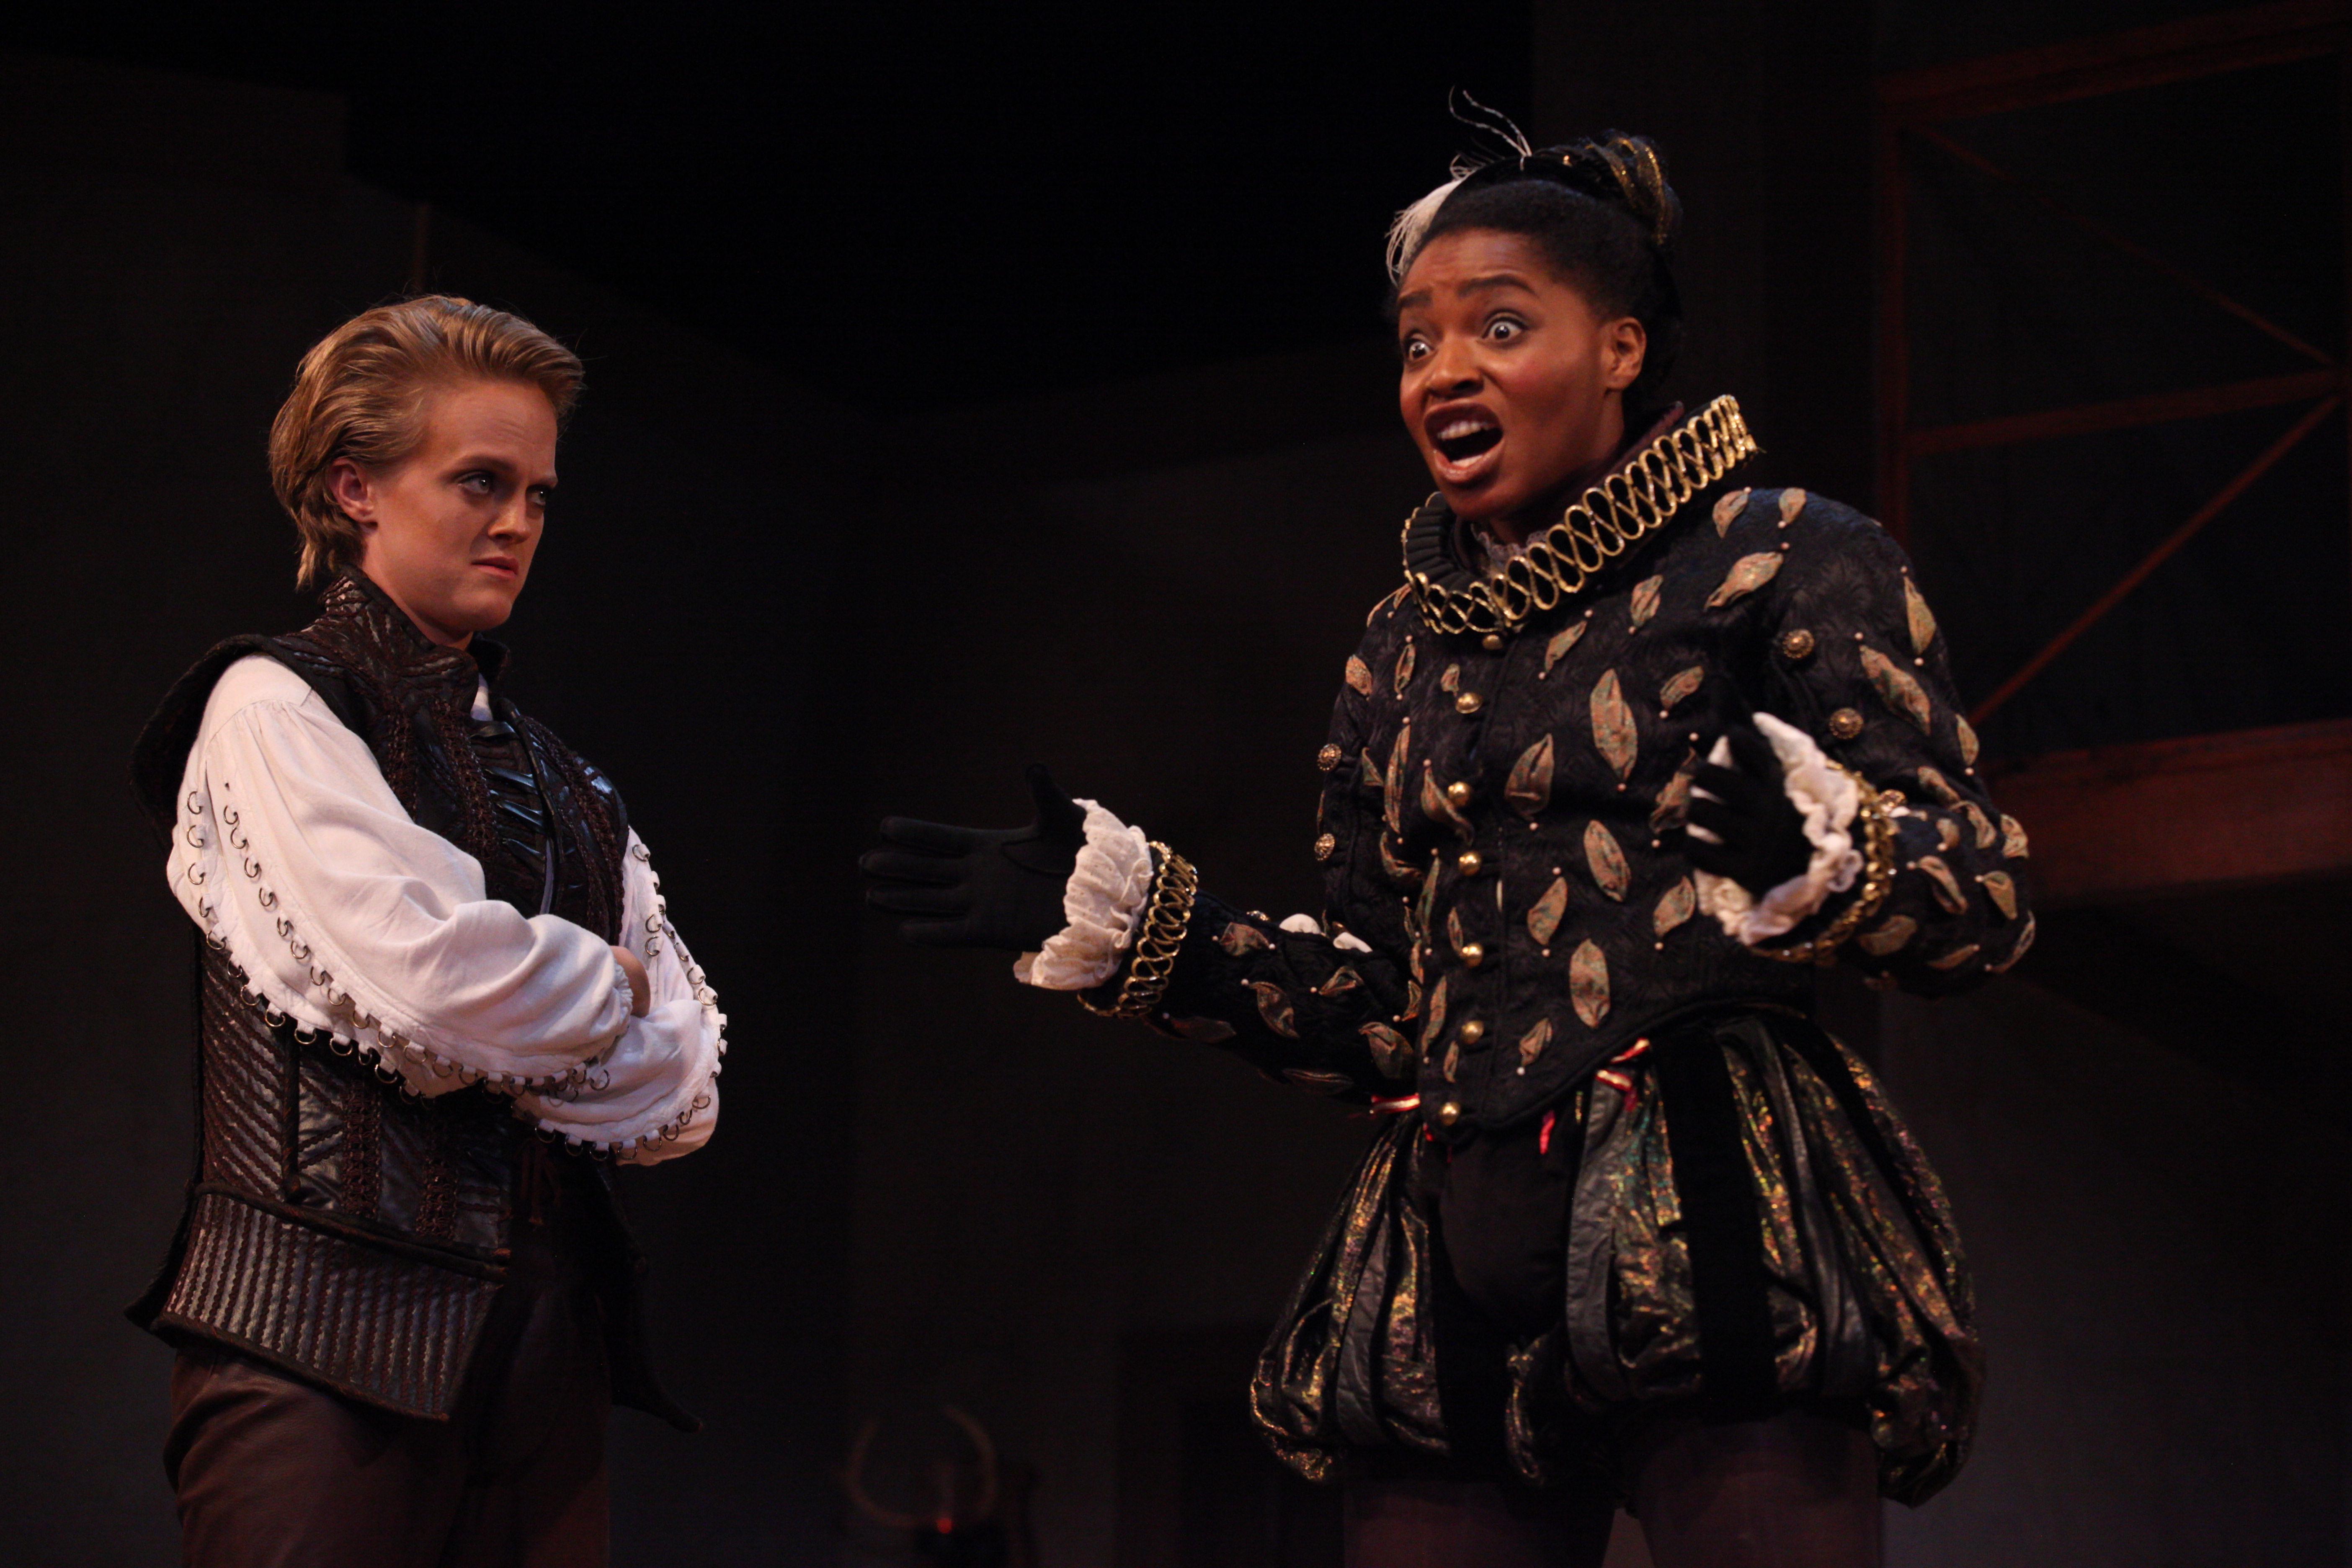 Hortensio and Petruchio